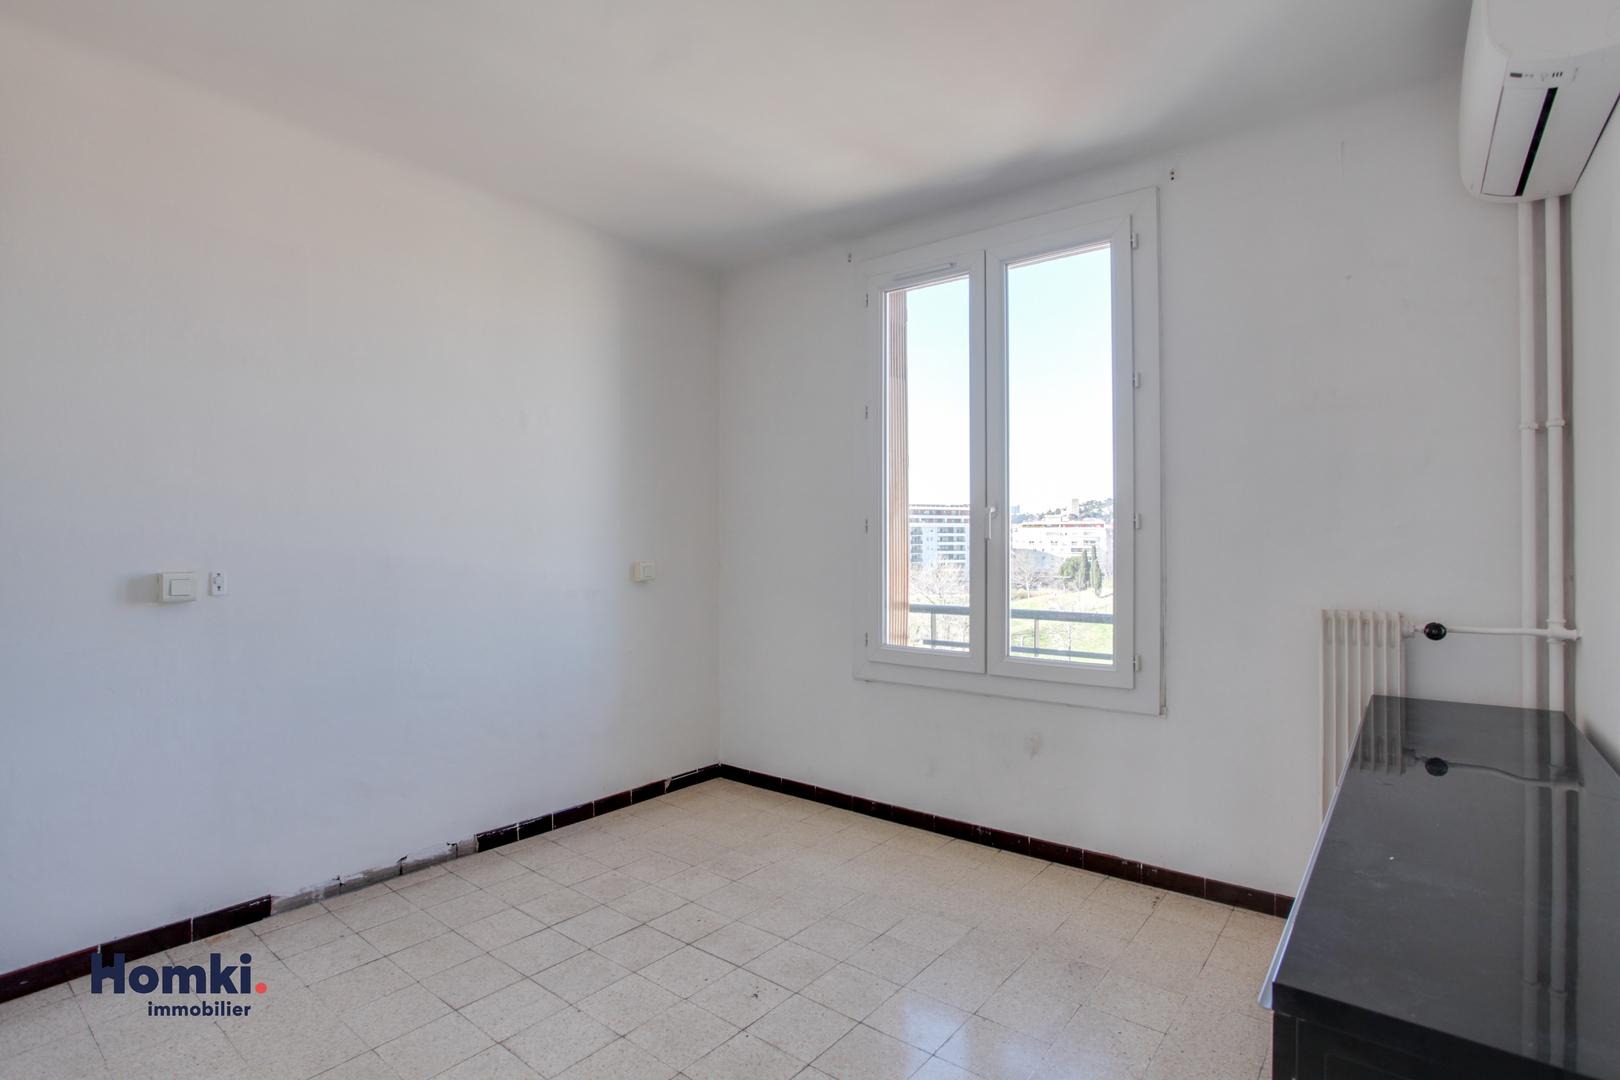 Vente Appartement 69 m² T4 13010_7